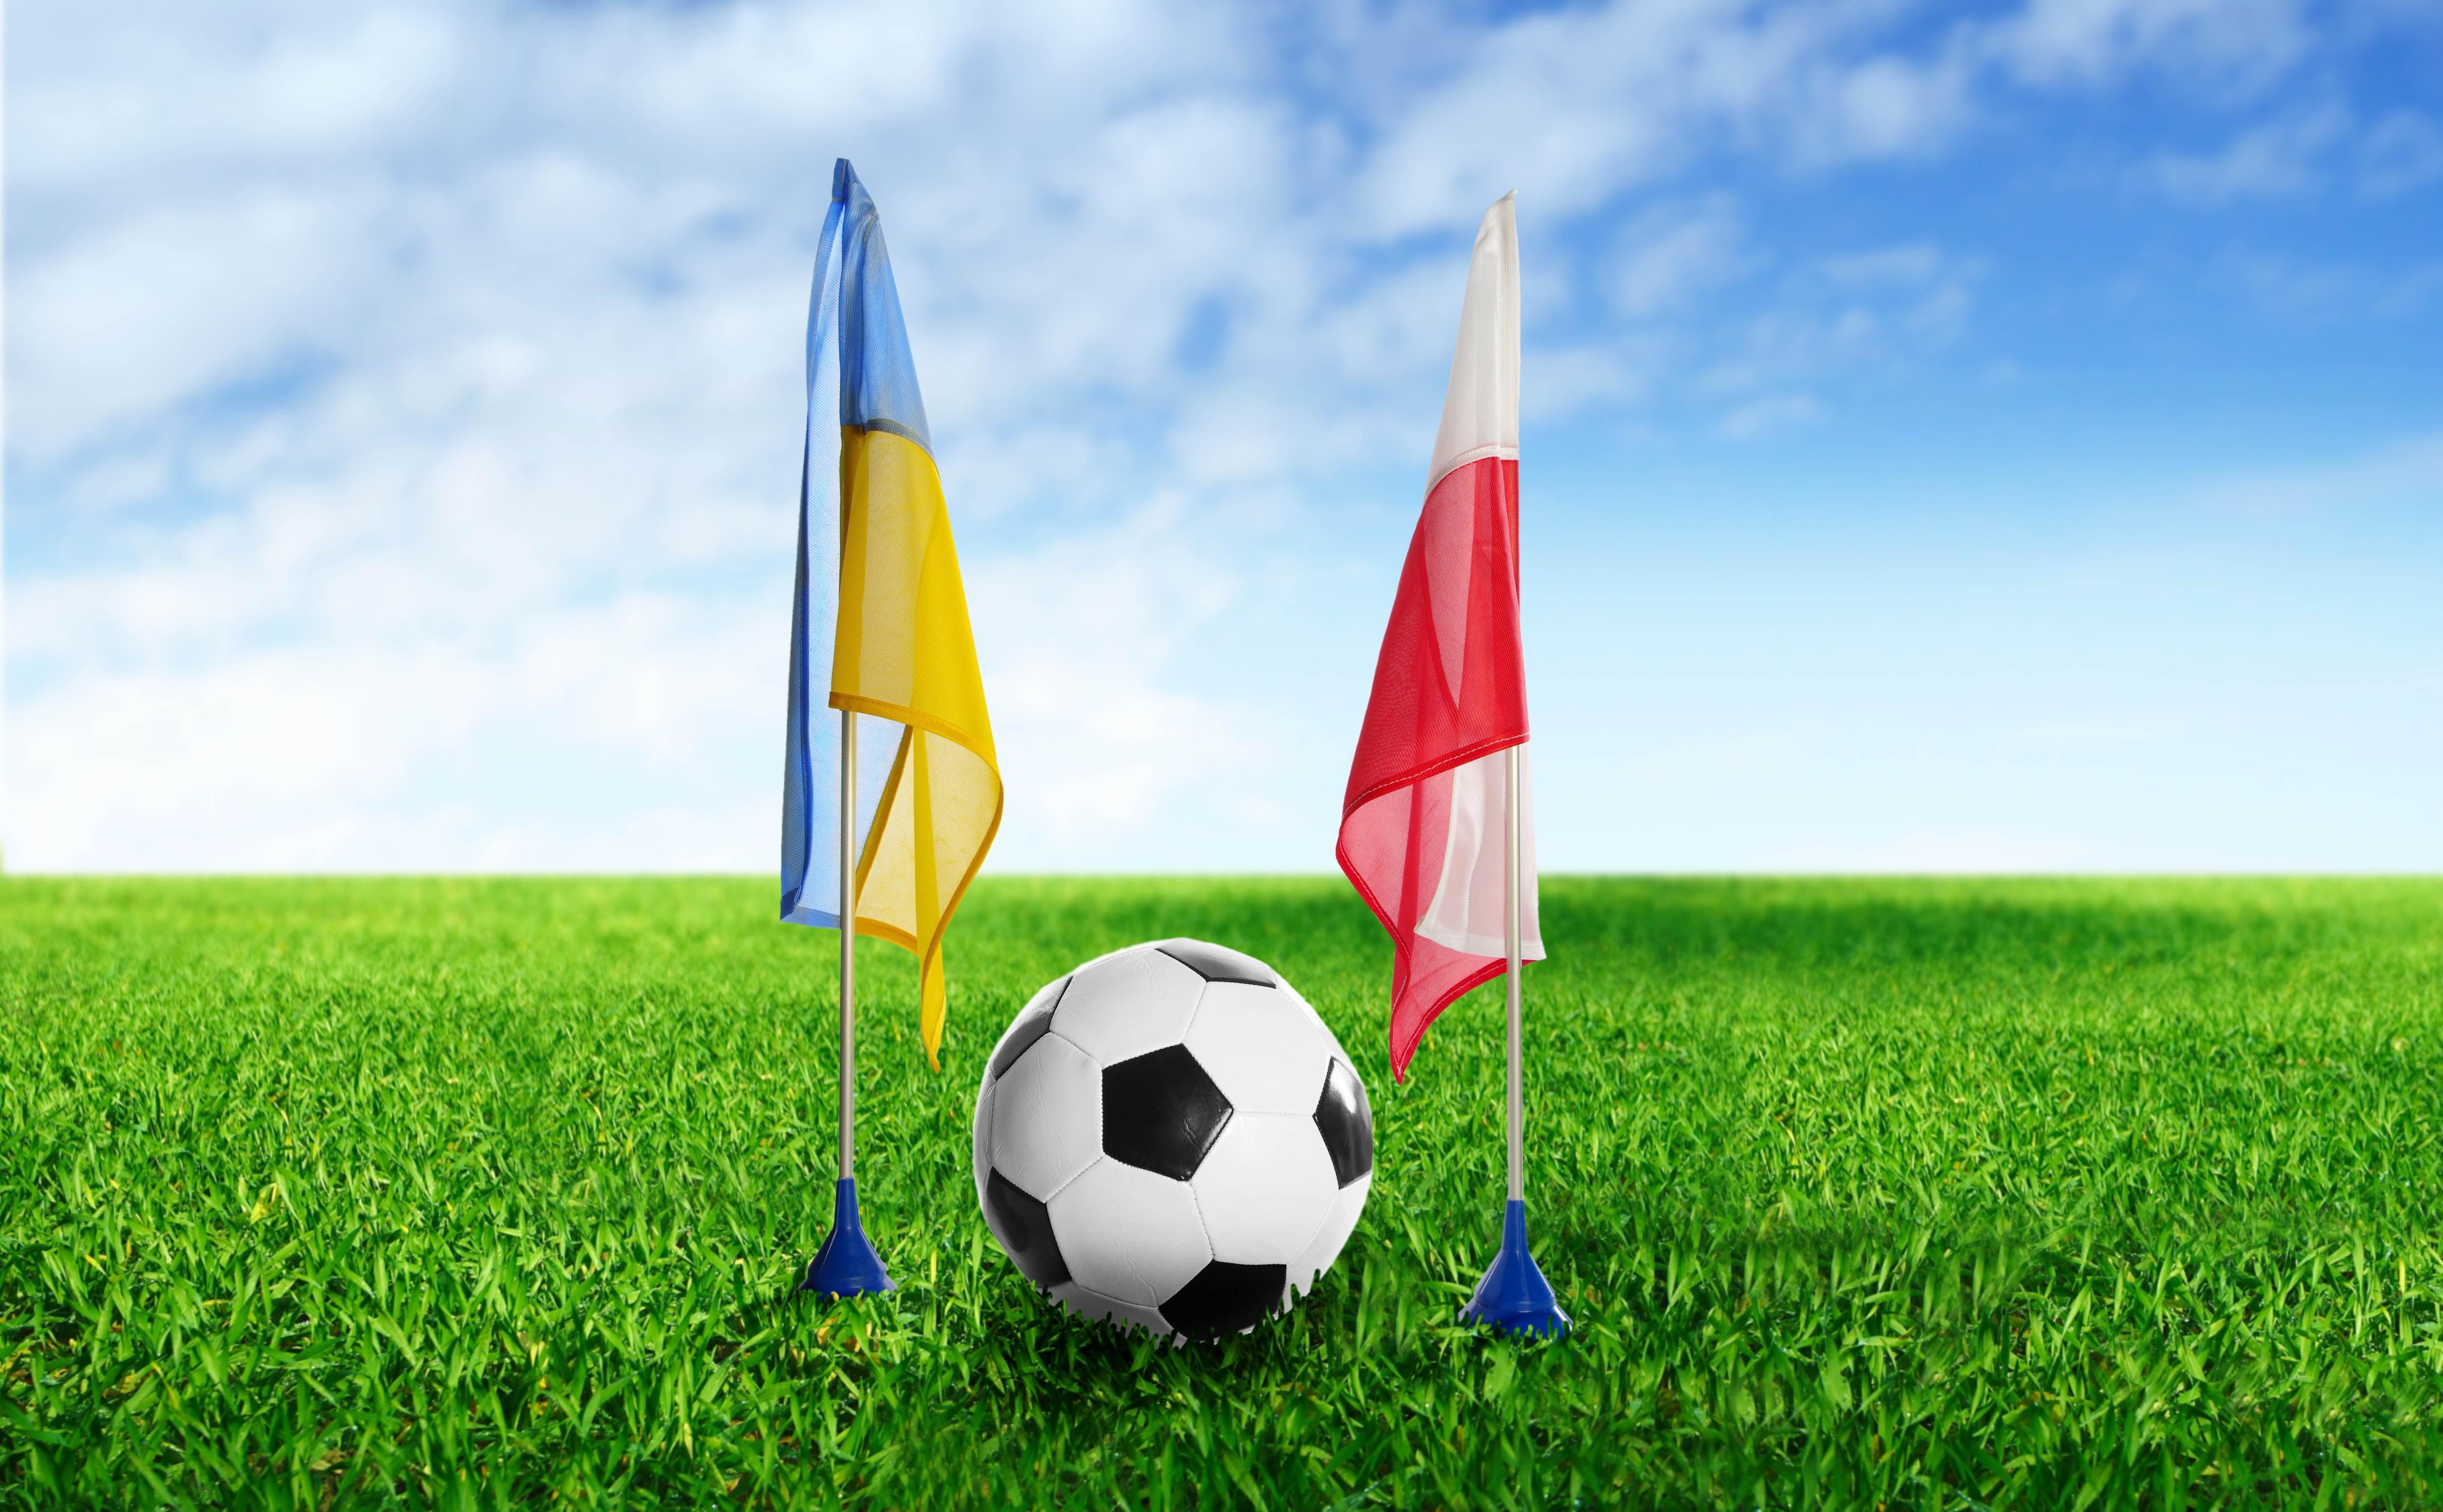 56780 скачать обои Спорт, Футбол, Украина, Польша, Мяч, Трава, Флаги - заставки и картинки бесплатно